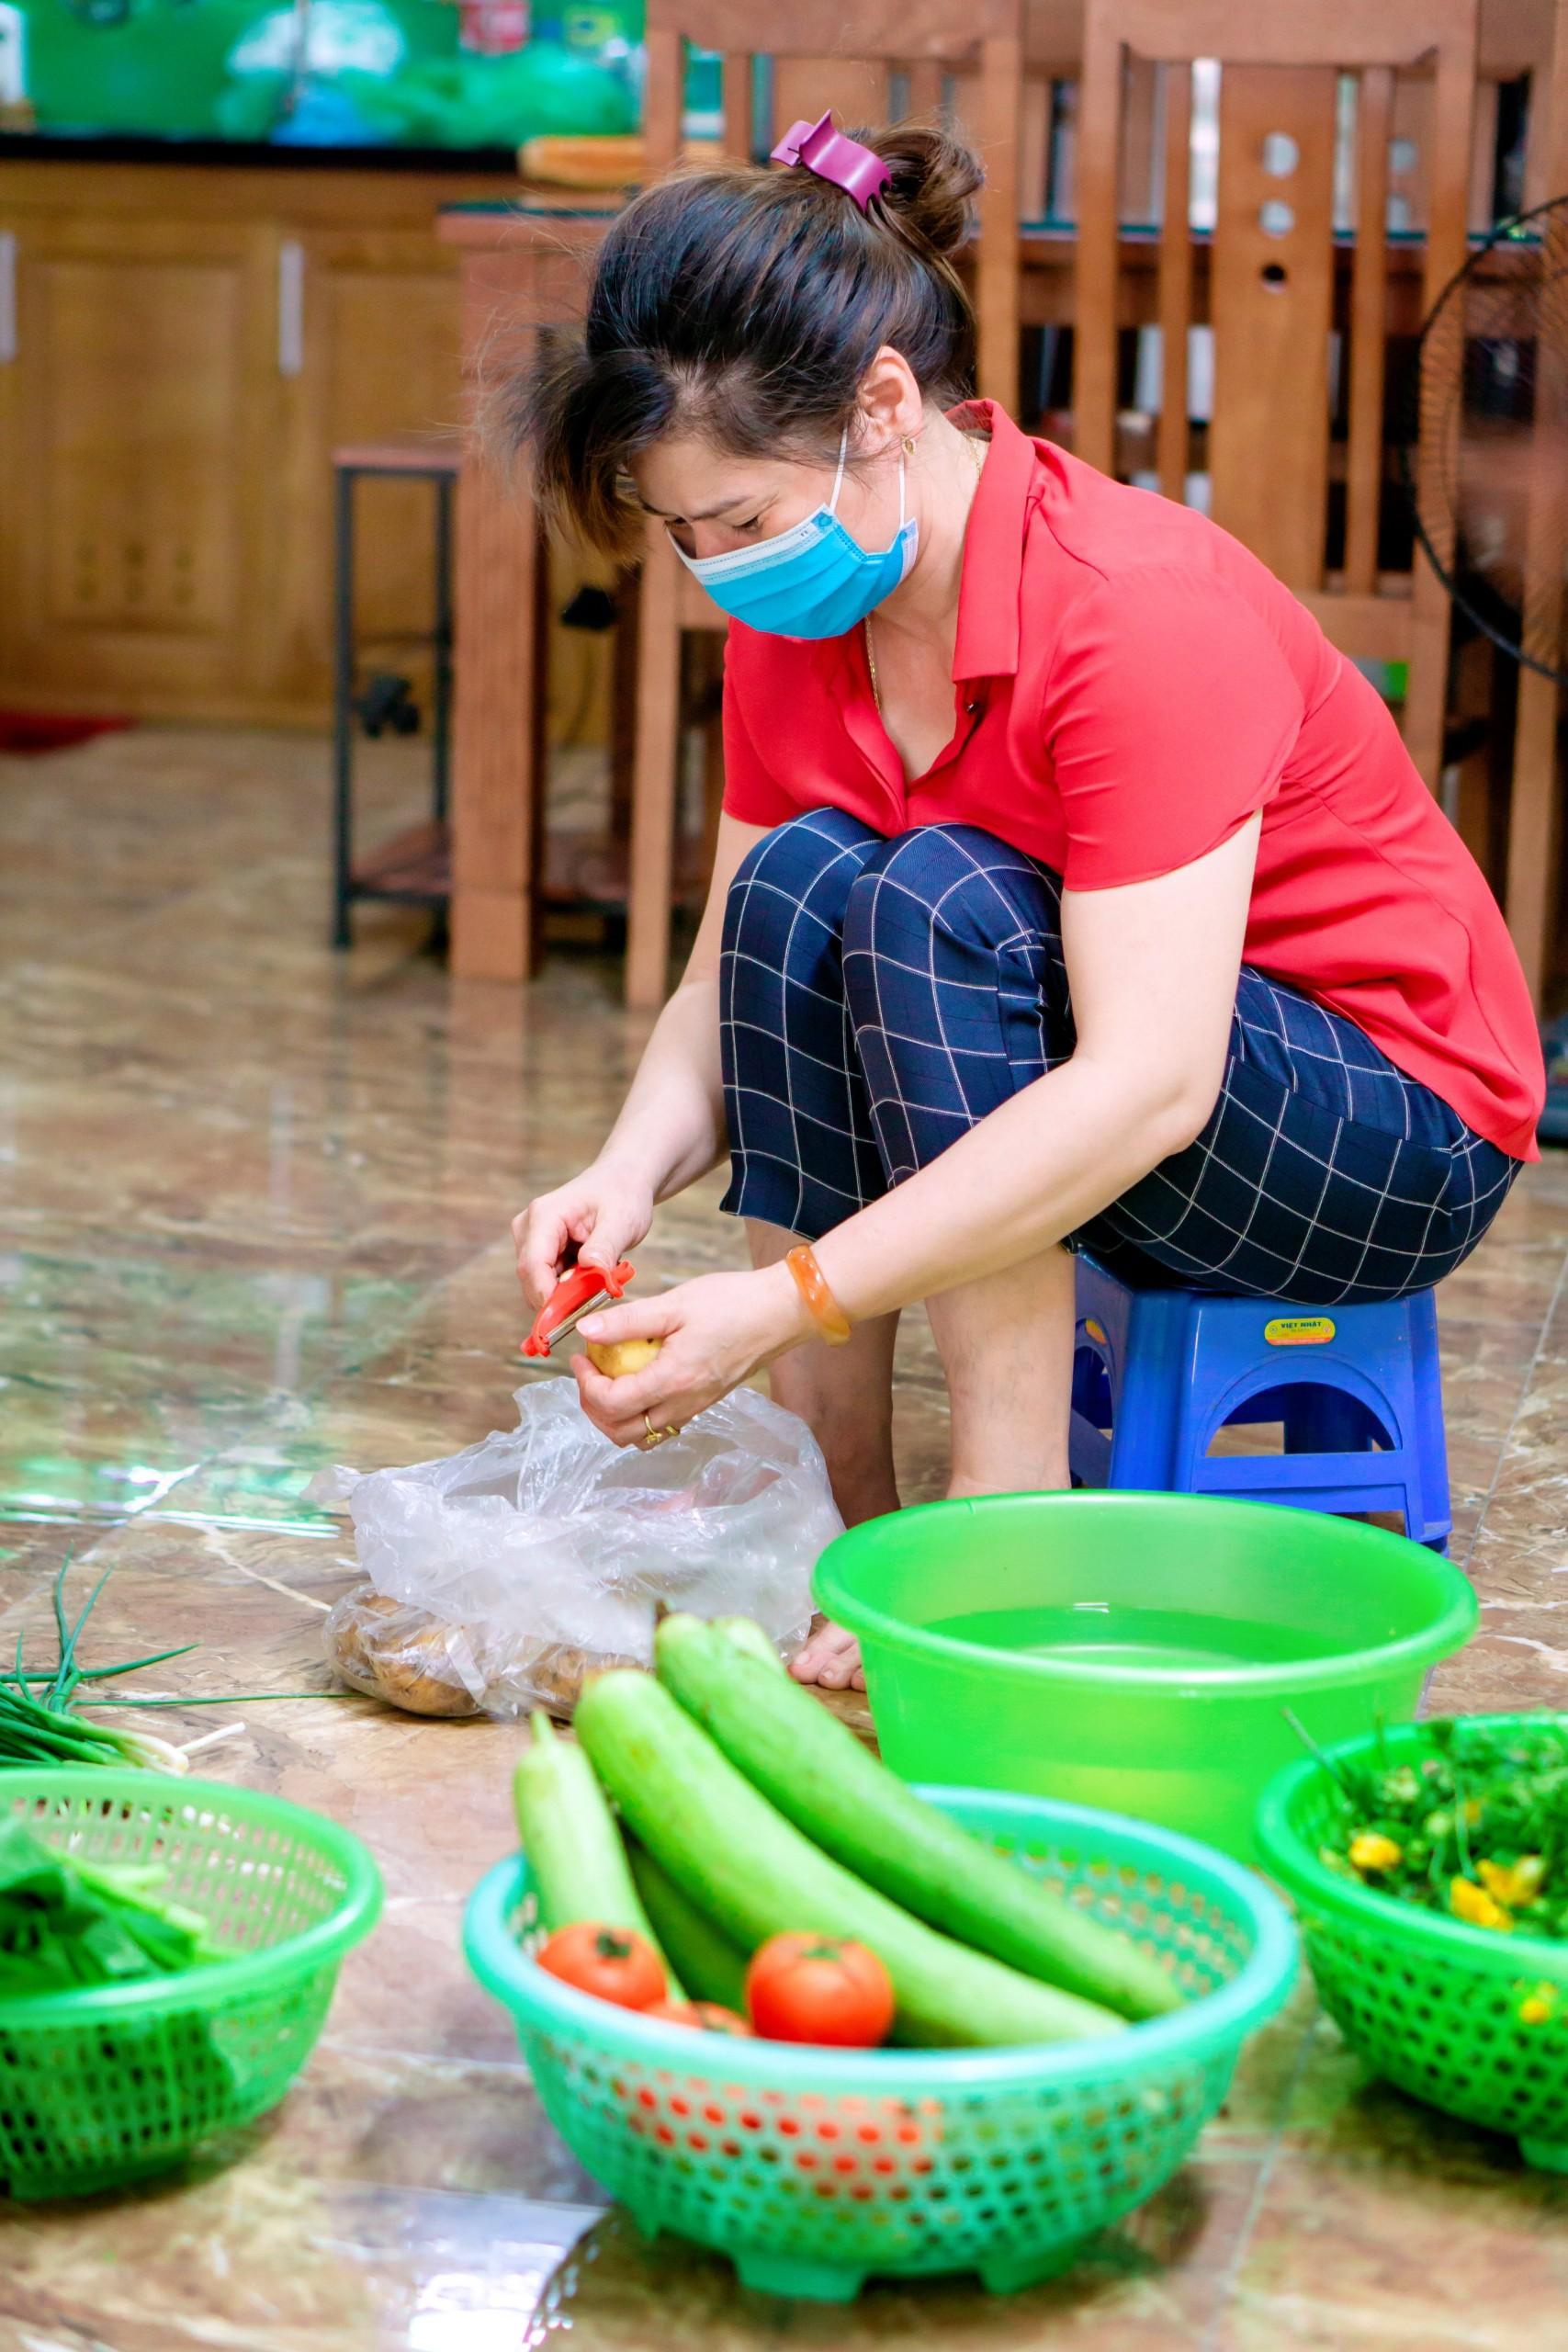 Thực phẩm luôn được đảm bảo sạch sẽ, an toàn